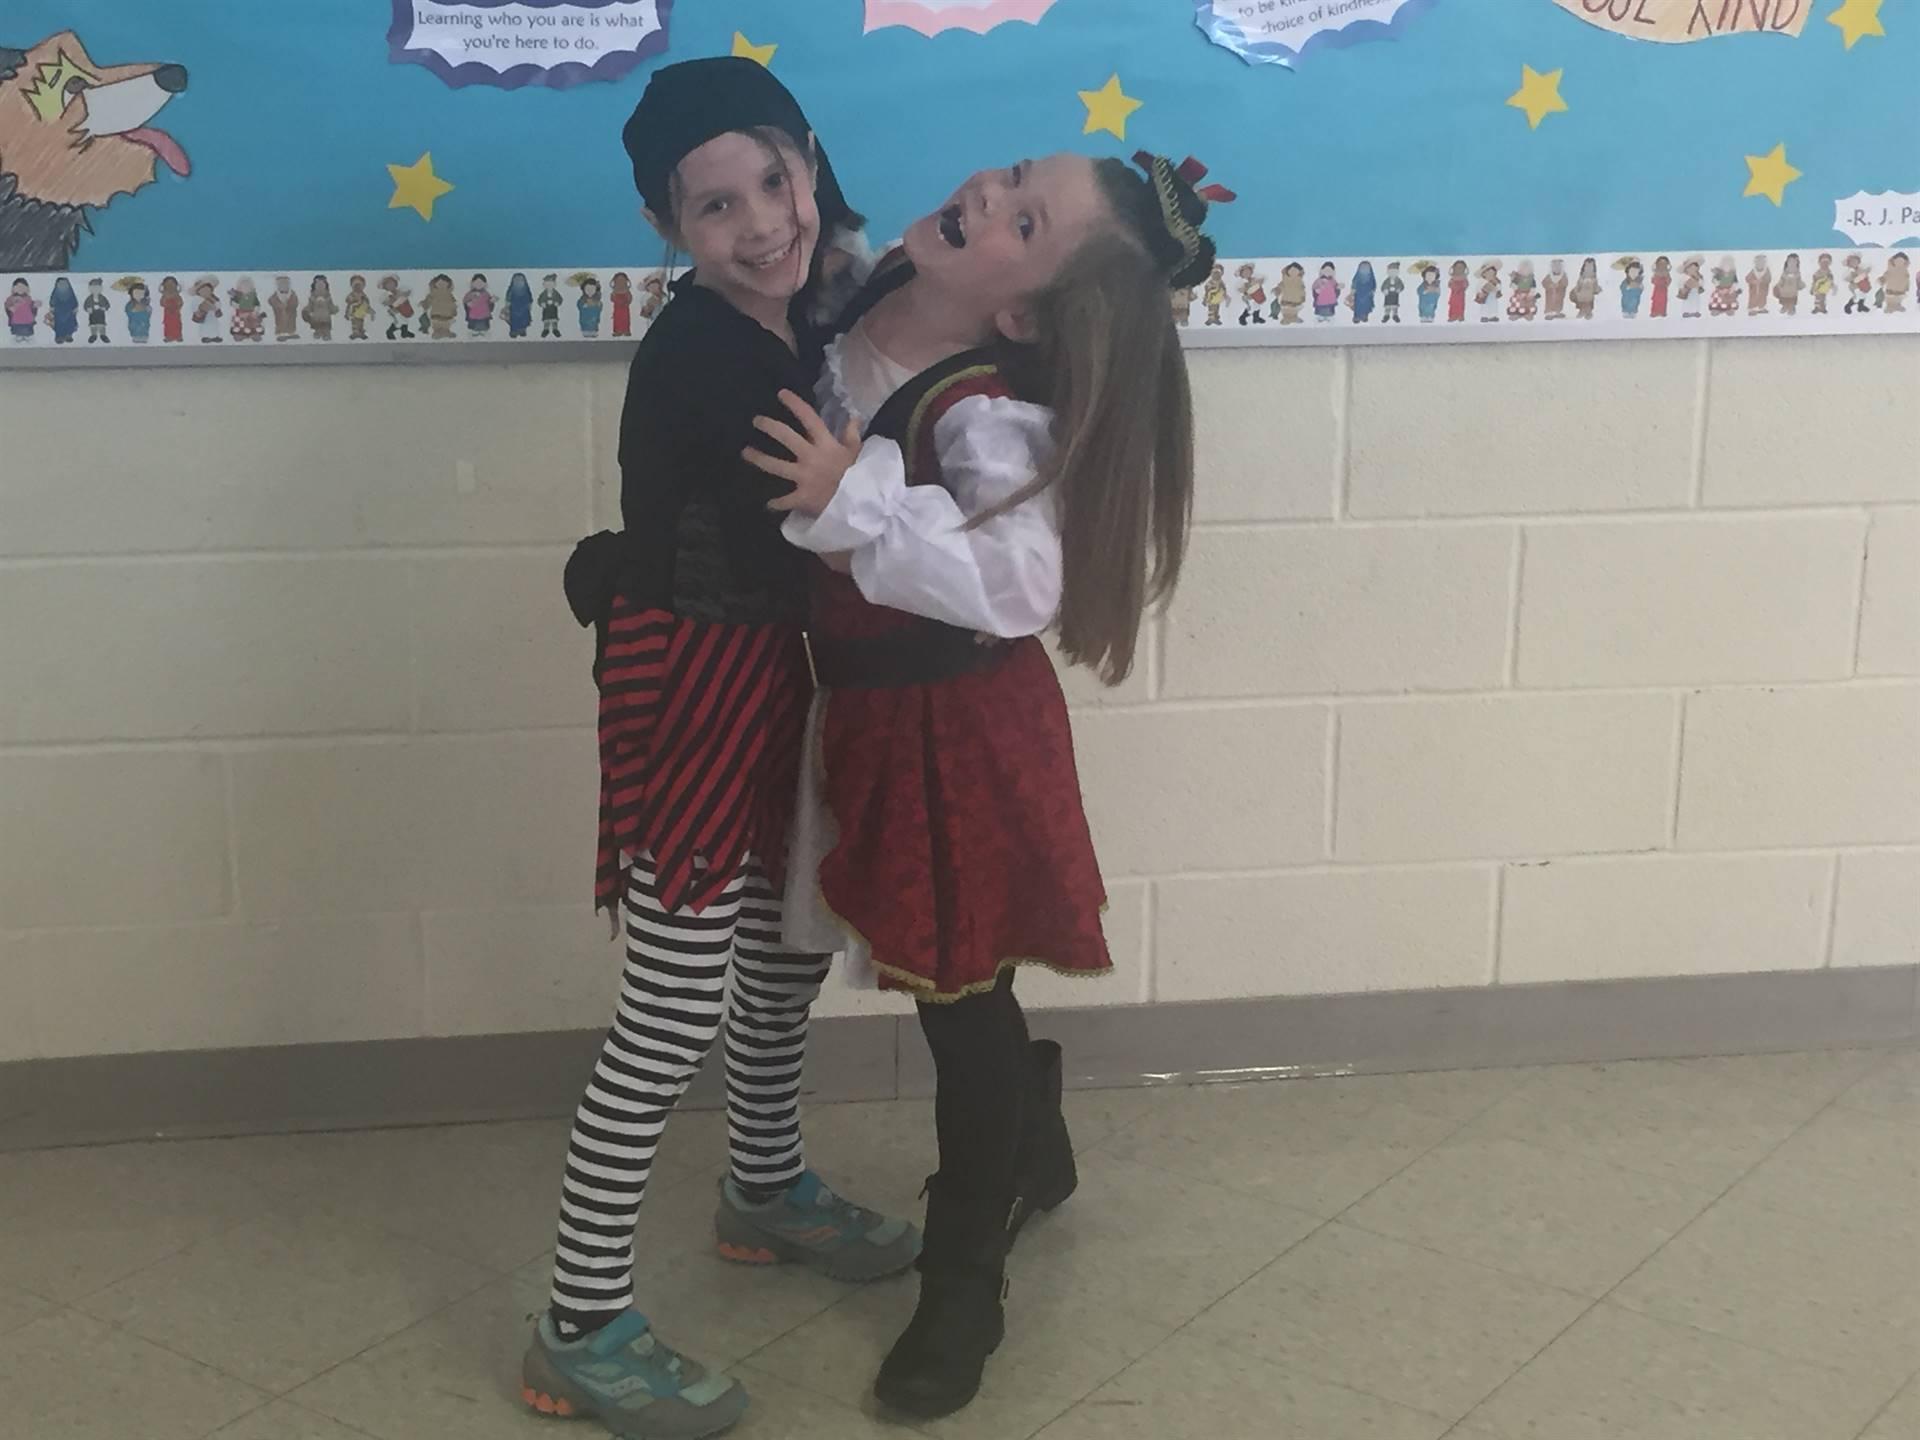 Halloween fun pirate costumes